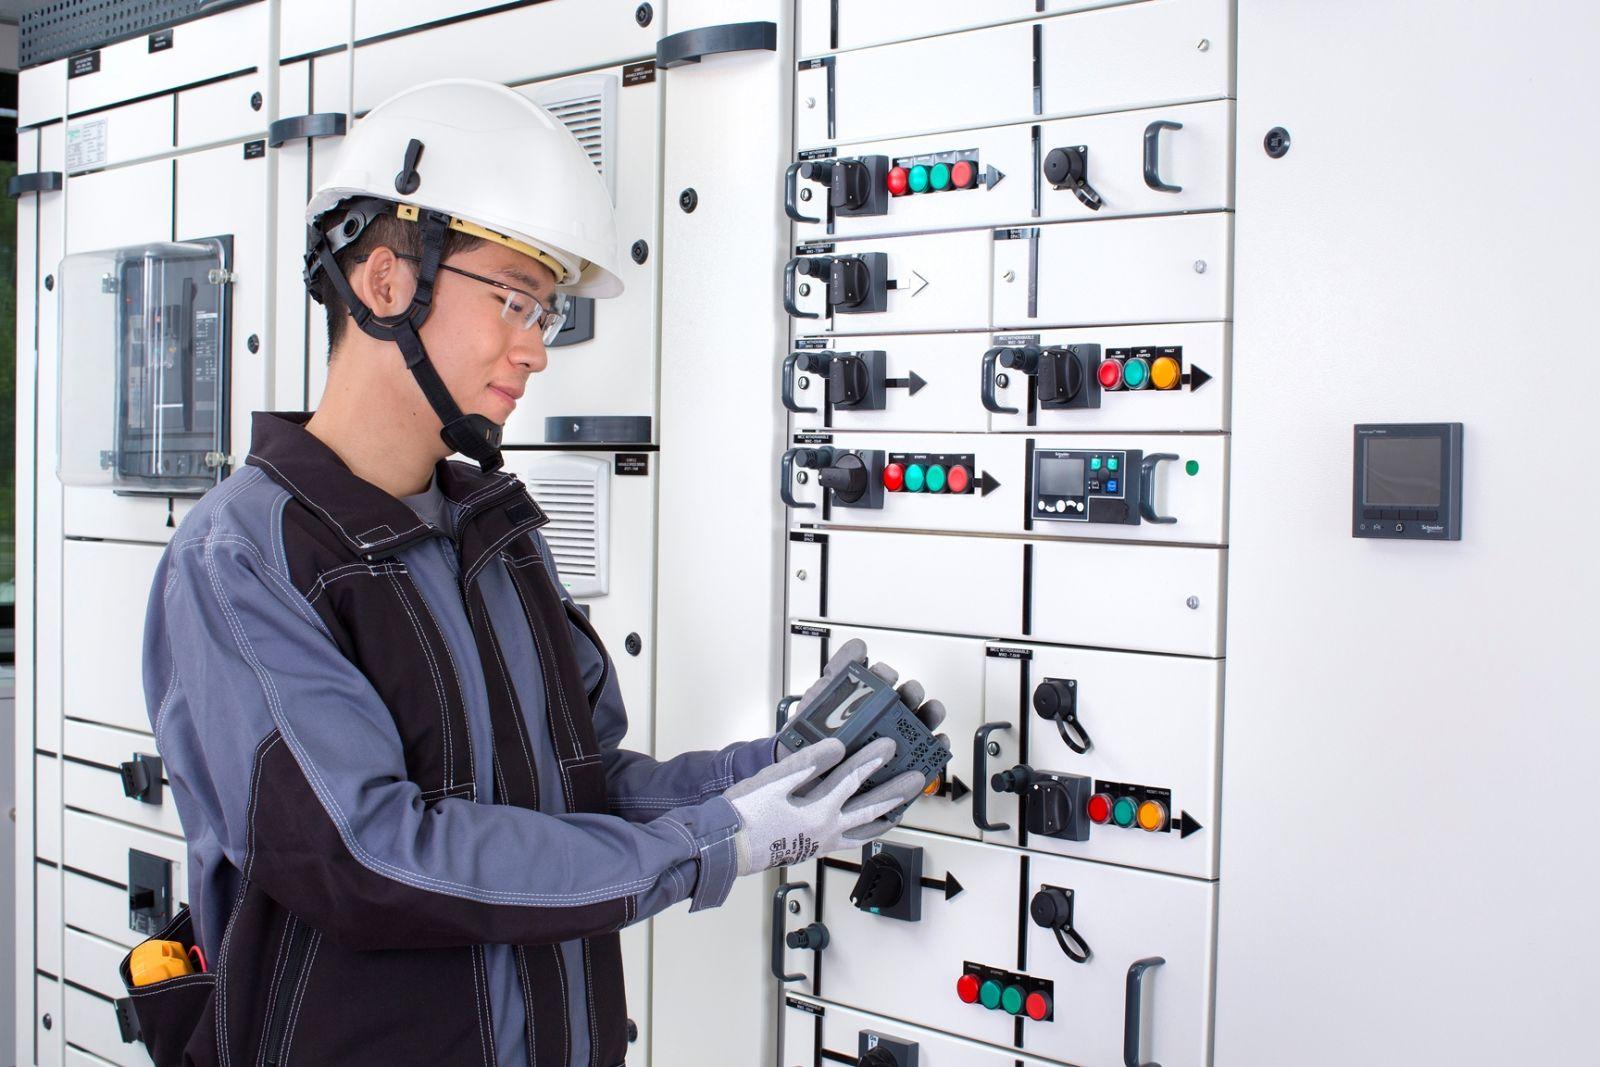 Hướng dẫn lắp đặt tủ điện công nghiệp đúng cách - Thiết bị điện ...